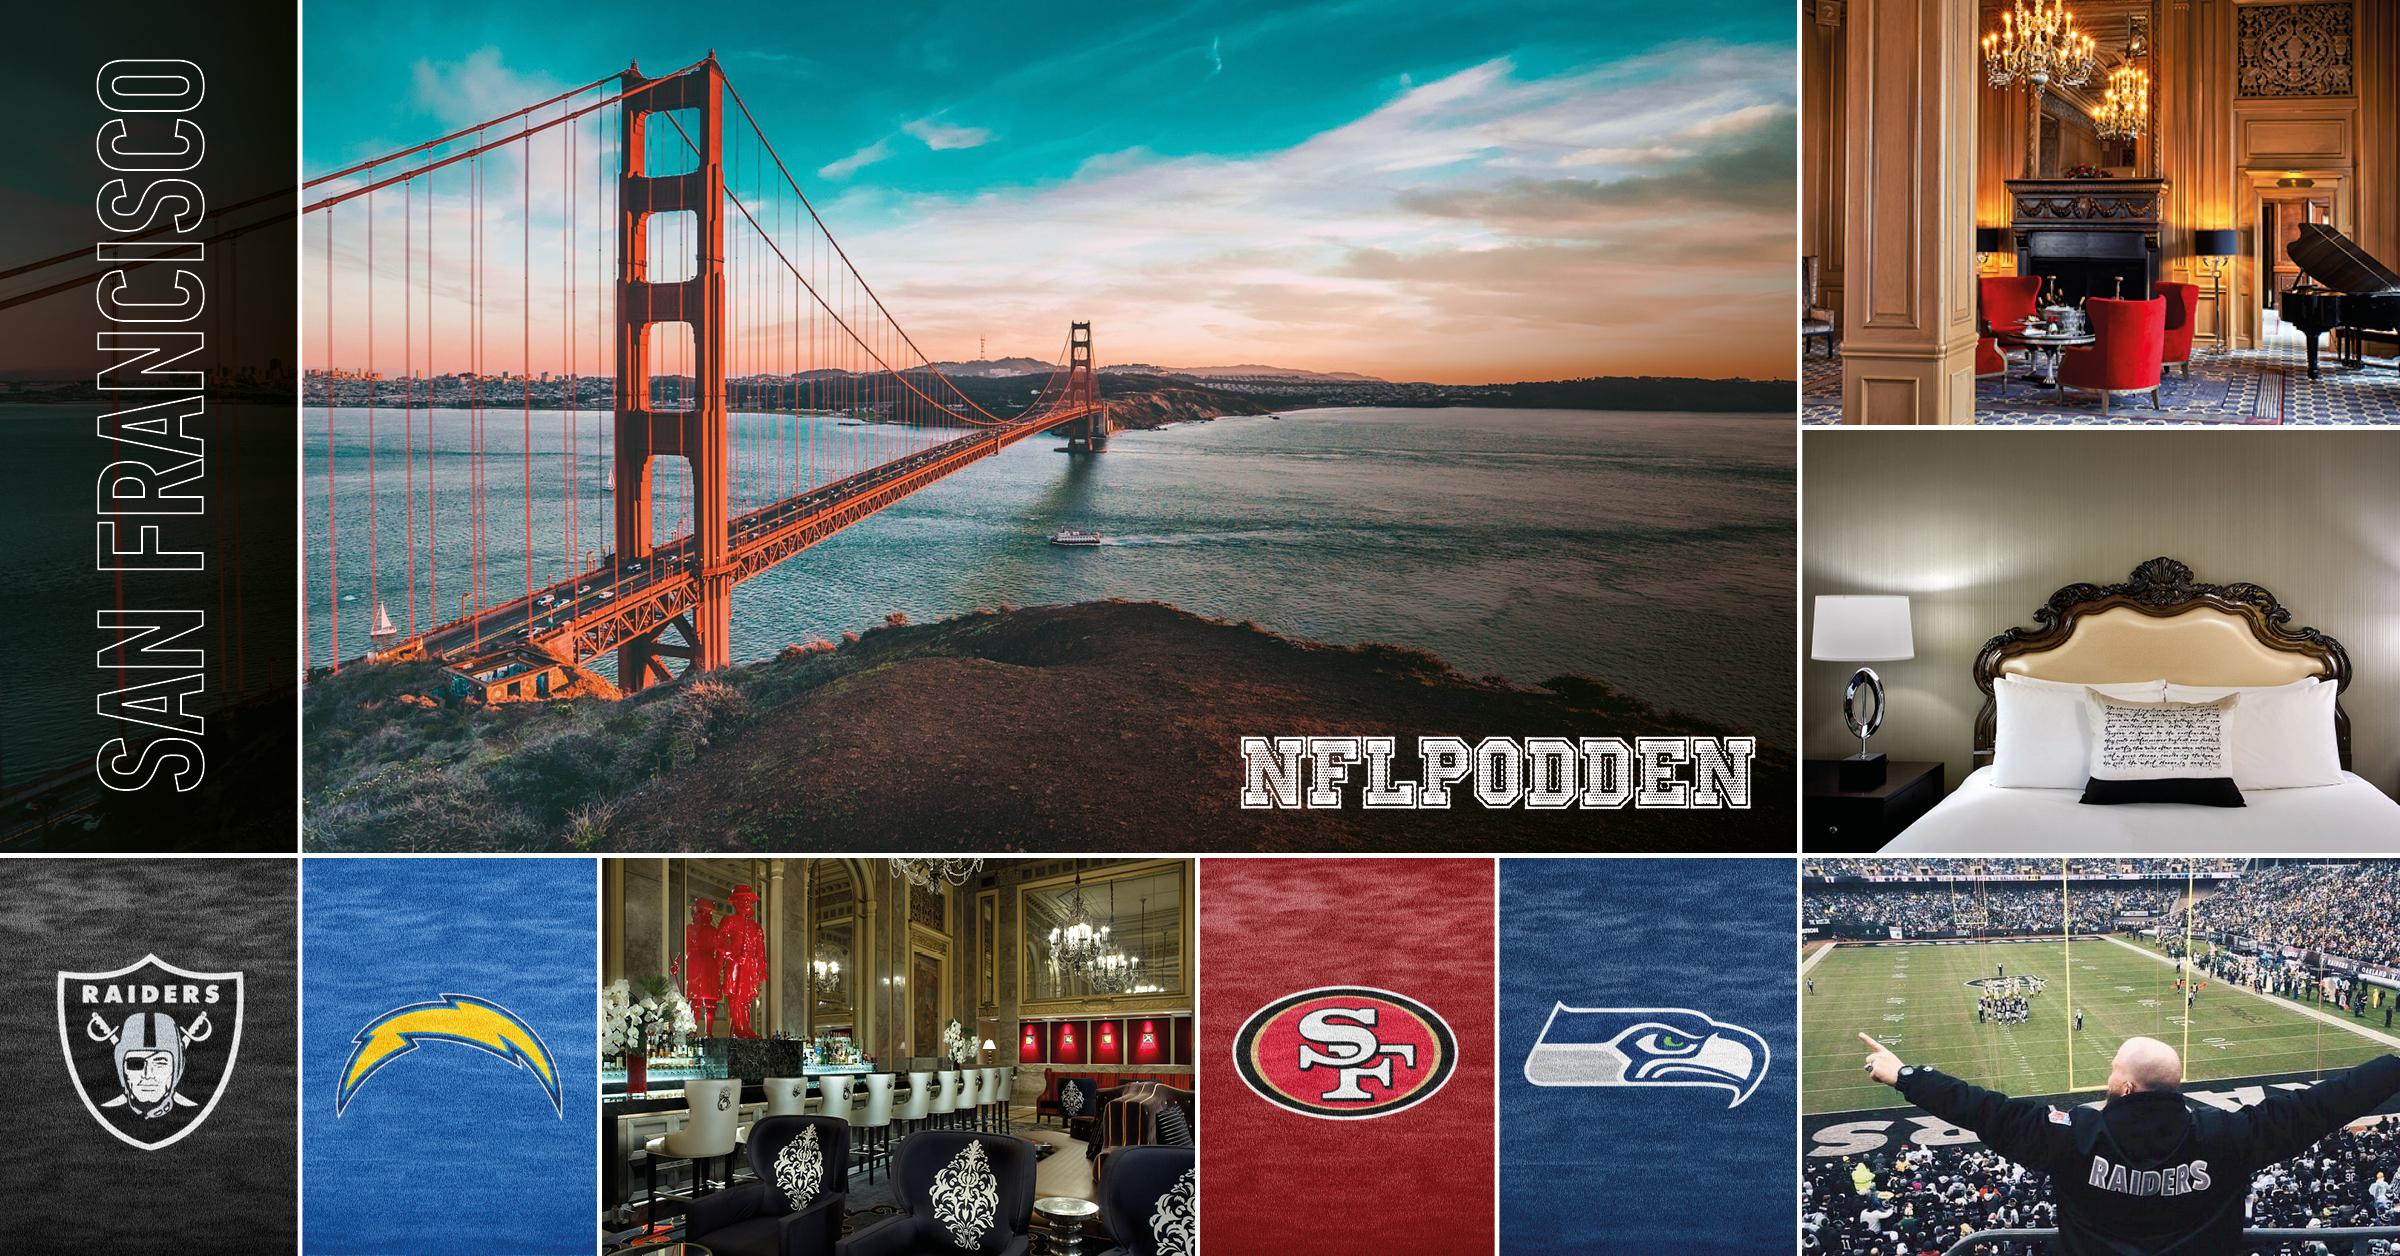 Aktuell sportresaNFL - San Francisco - 6-12 november tar NFL-podden och Supreme Travel oss till fantastiska San Francisco. Två NFL-matcher ingår med fyra klassiska lag där rivalmötet Raiders - Chargers är resans första höjdpunkt. Den andra matchen spelas på nya Levi's Stadium som tar 68 500 personer mellan 49ers och Seahawks.